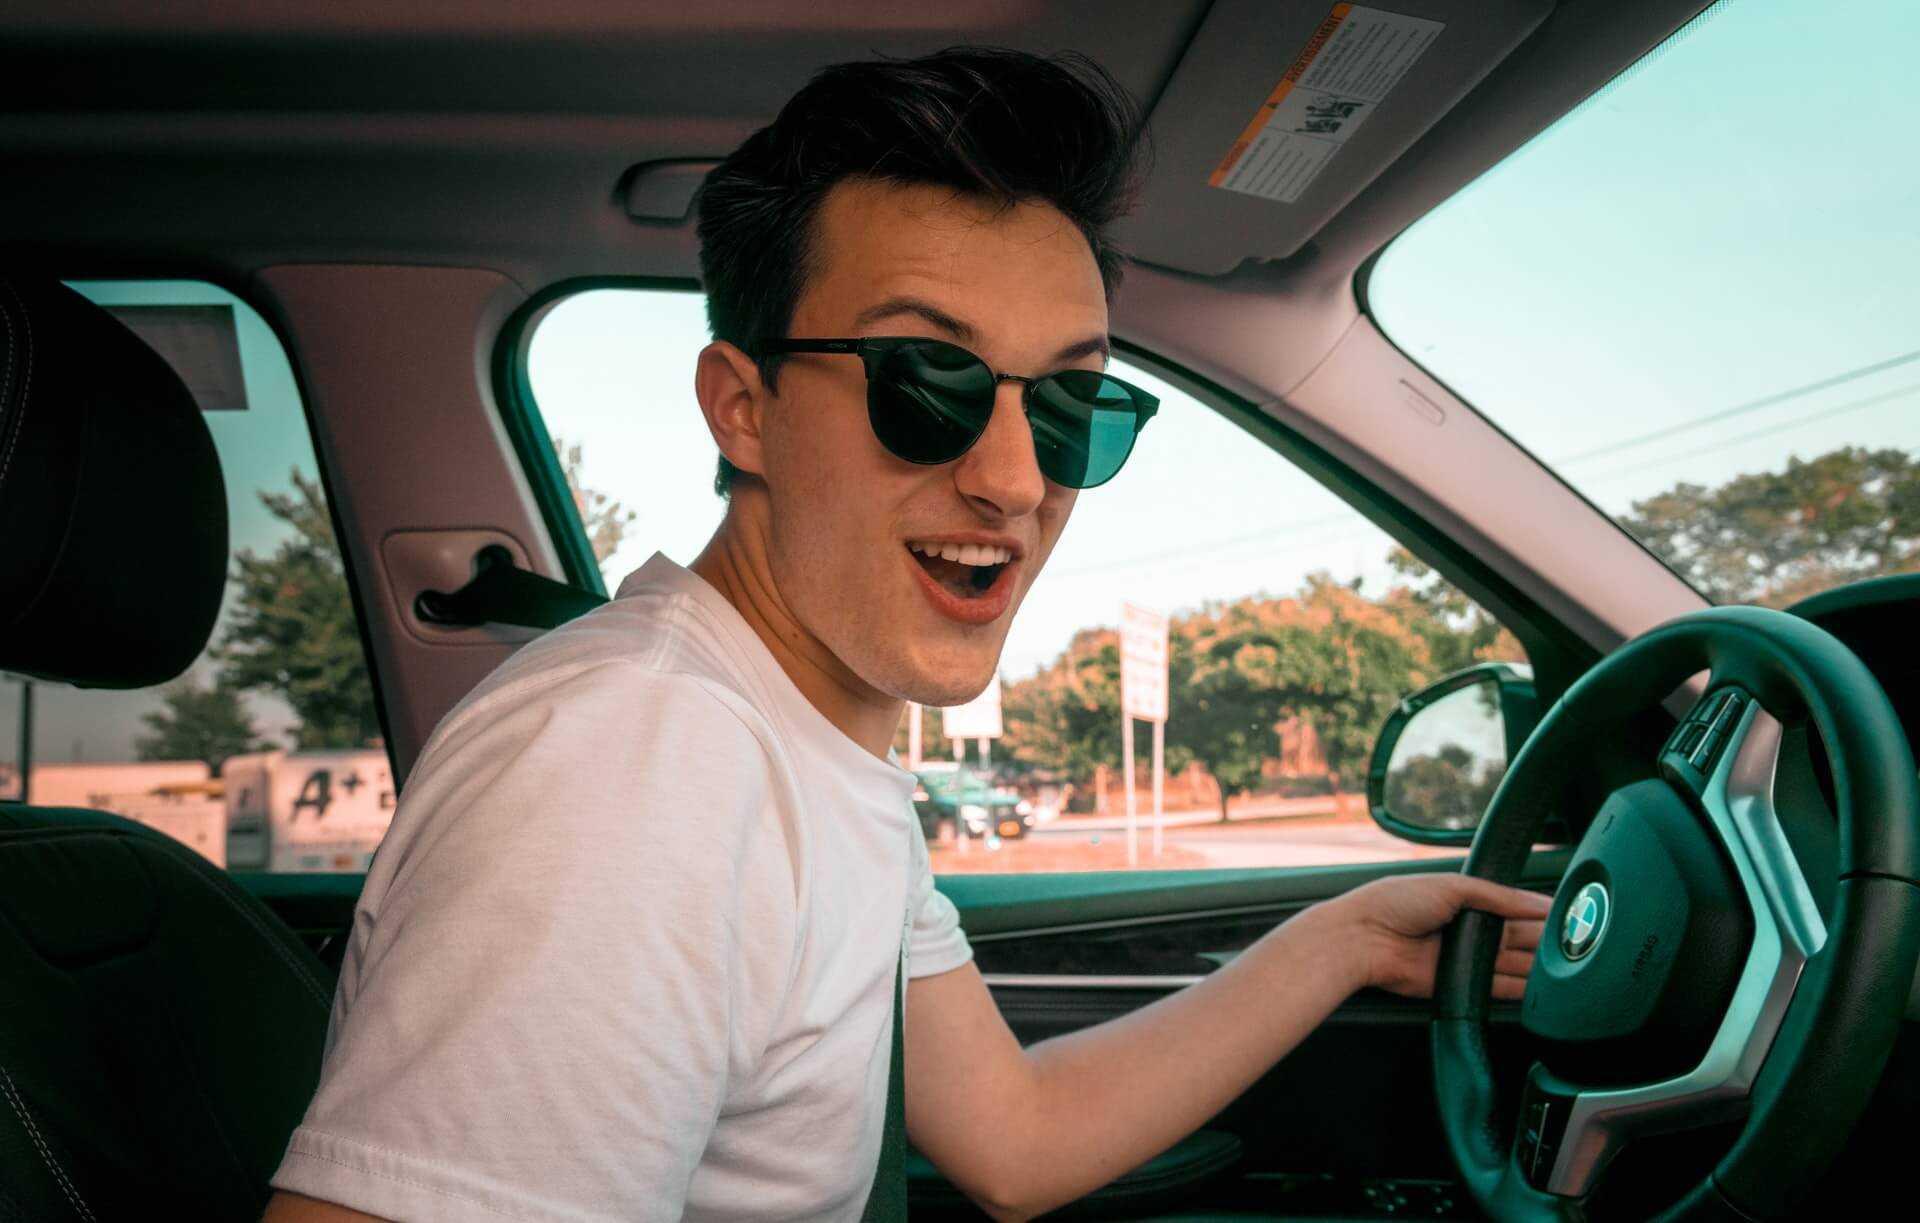 OC dla młodych kierowców w 2021 roku. Dlaczego jest takie drogie?